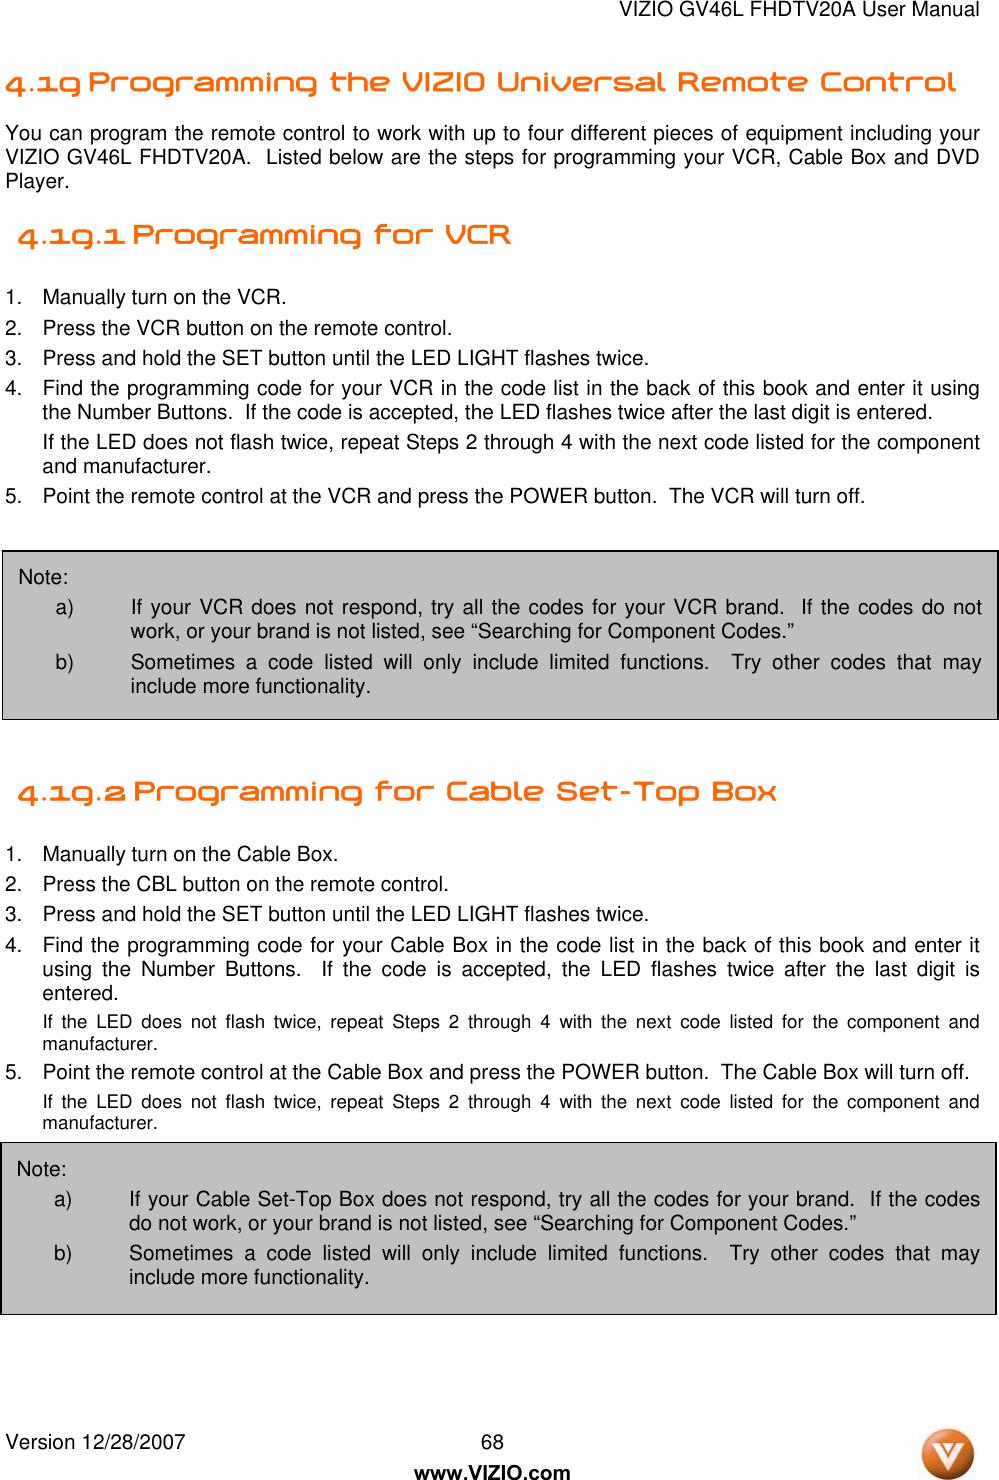 Vizio Gv46L Fhdtv20A Users Manual